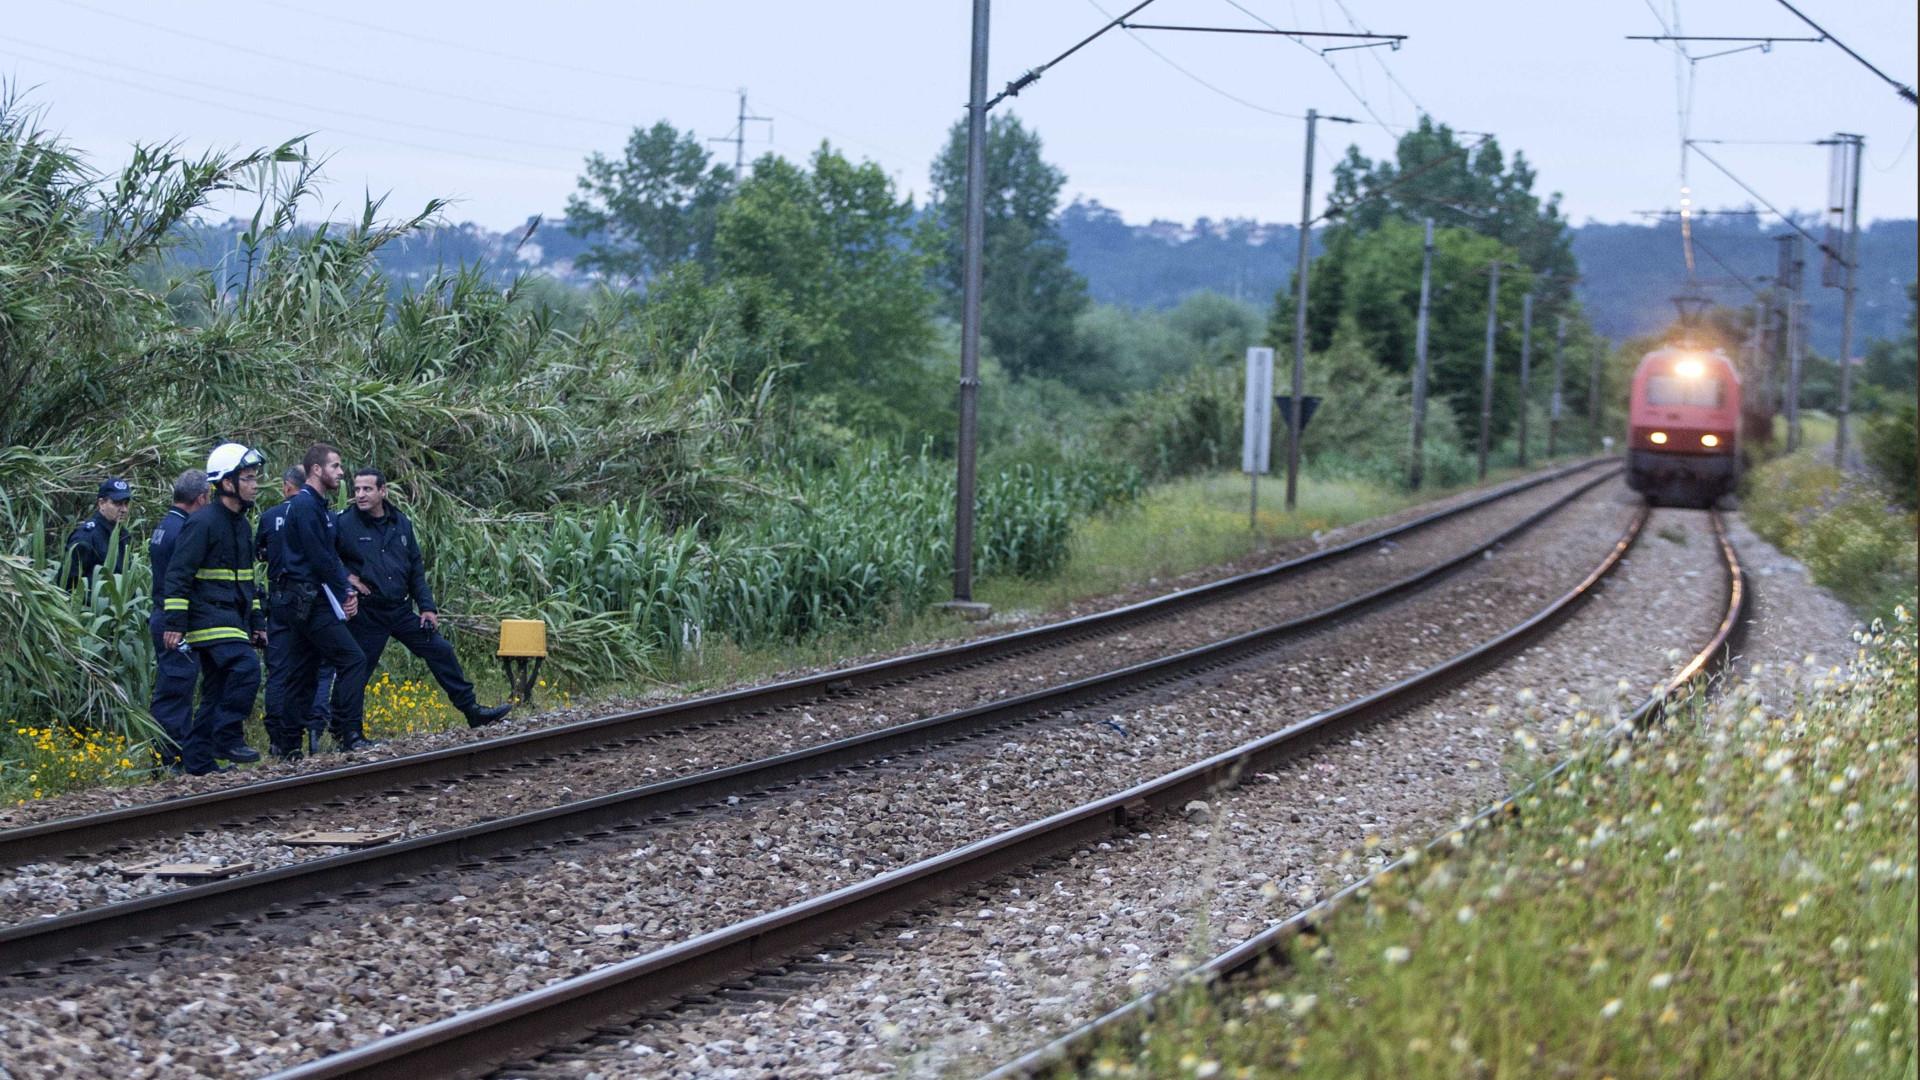 Atropelamento mortal condiciona circulação ferroviária em Rio Tinto